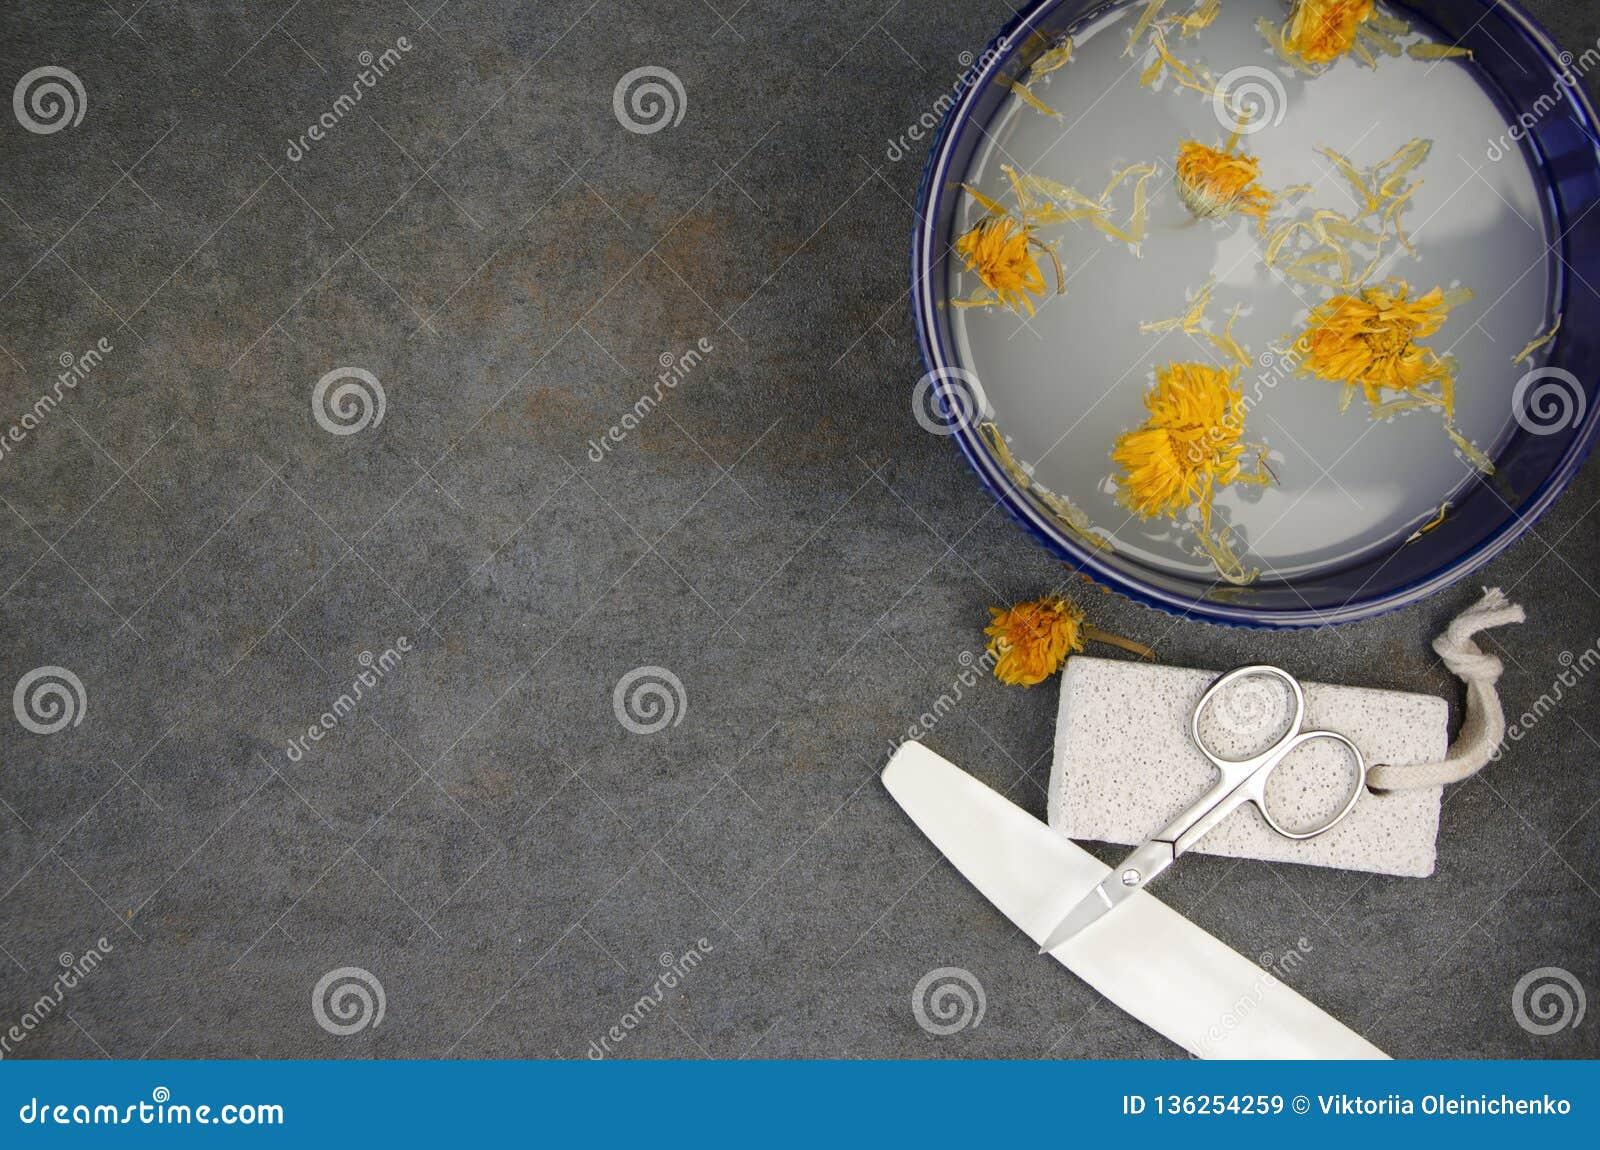 Διάφορα εργαλεία για τις διαδικασίες μανικιούρ και pedicure στο σαλόνι